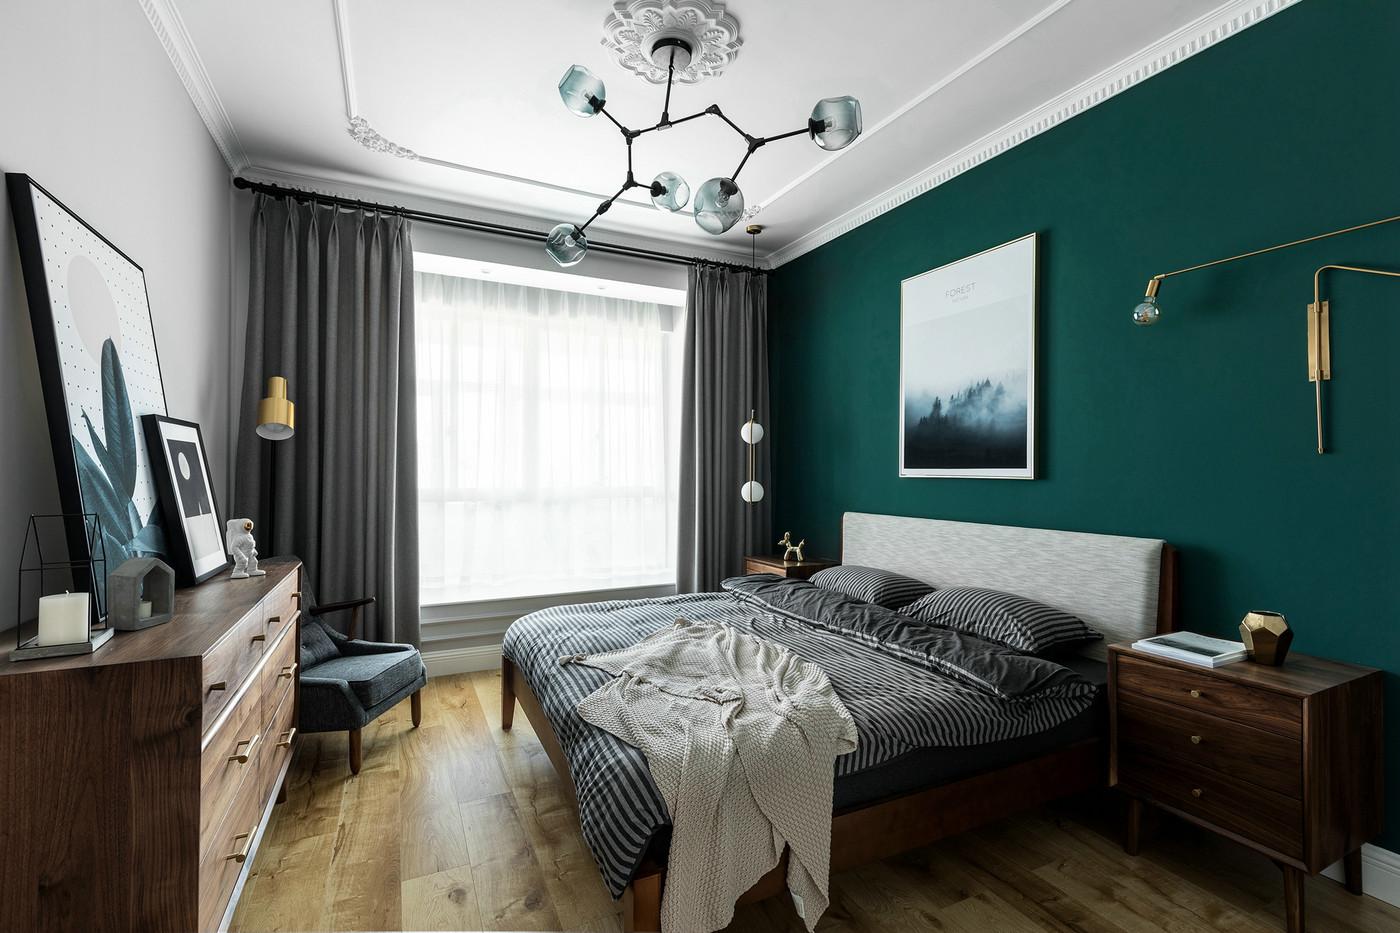 卧室延续了客厅的沉稳内敛,祖母绿大气奢华,增加空间的视觉冲击力。